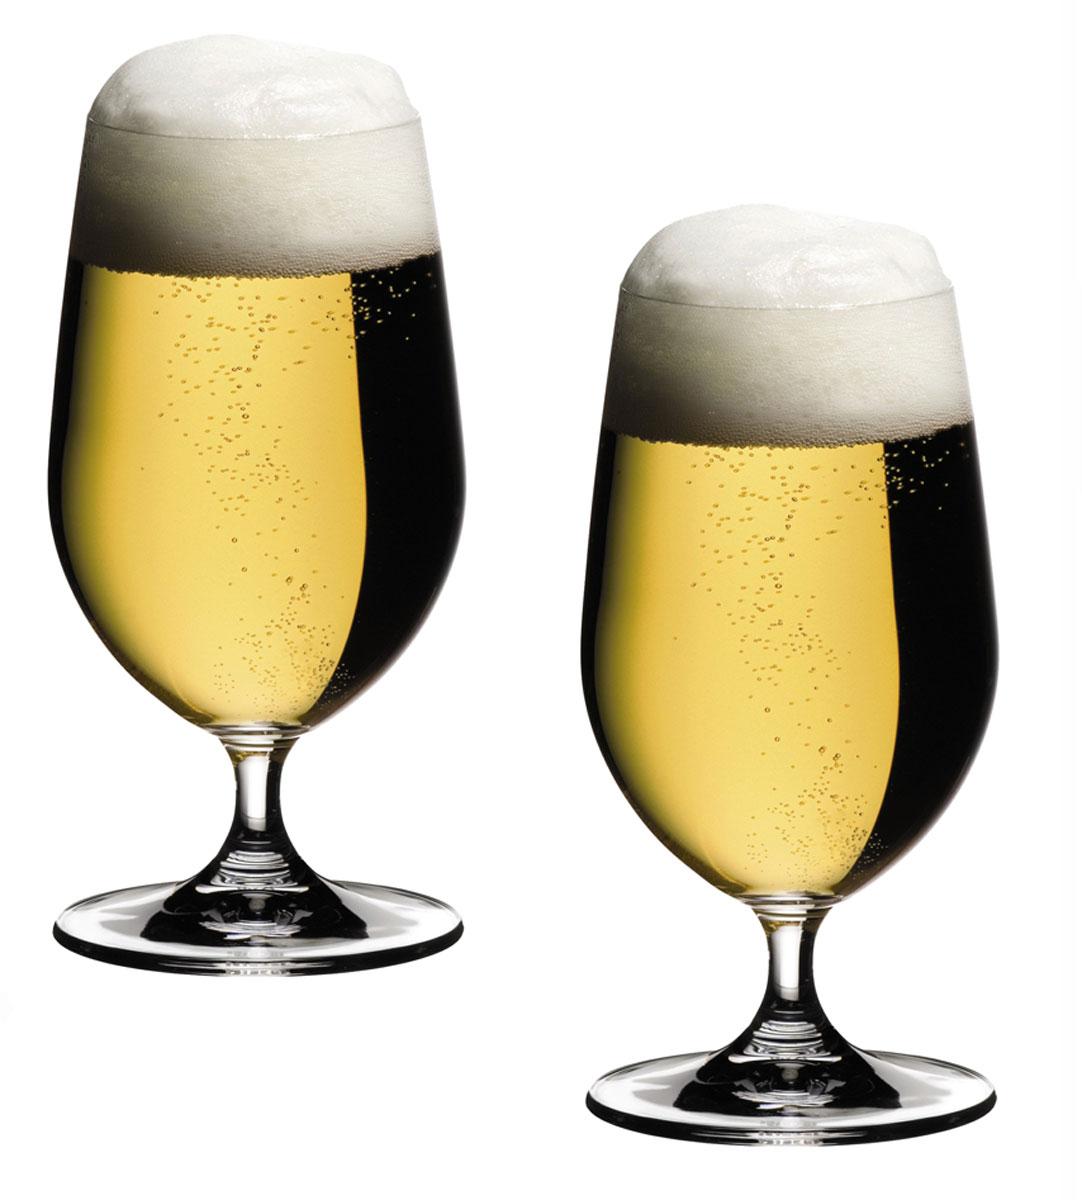 Набор бокалов Riedel Beer, 500 мл, 2 шт6408/11Набор Riedel Beer, состоящий из двух бокалов, выполнен из высококачественного стекла. Бокалы предназначены для подачи пива. Набор сочетает в себе элегантный дизайн и функциональность. Благодаря такому набору пить напитки будет еще вкуснее. Набор Riedel Beer прекрасно оформит праздничный стол и создаст приятную атмосферу. Такие бокалы также станут хорошим подарком к любому случаю. Можно мыть в посудомоечной машине. Диаметр (по верхнему краю): 6,5 см. Высота: 17 см.